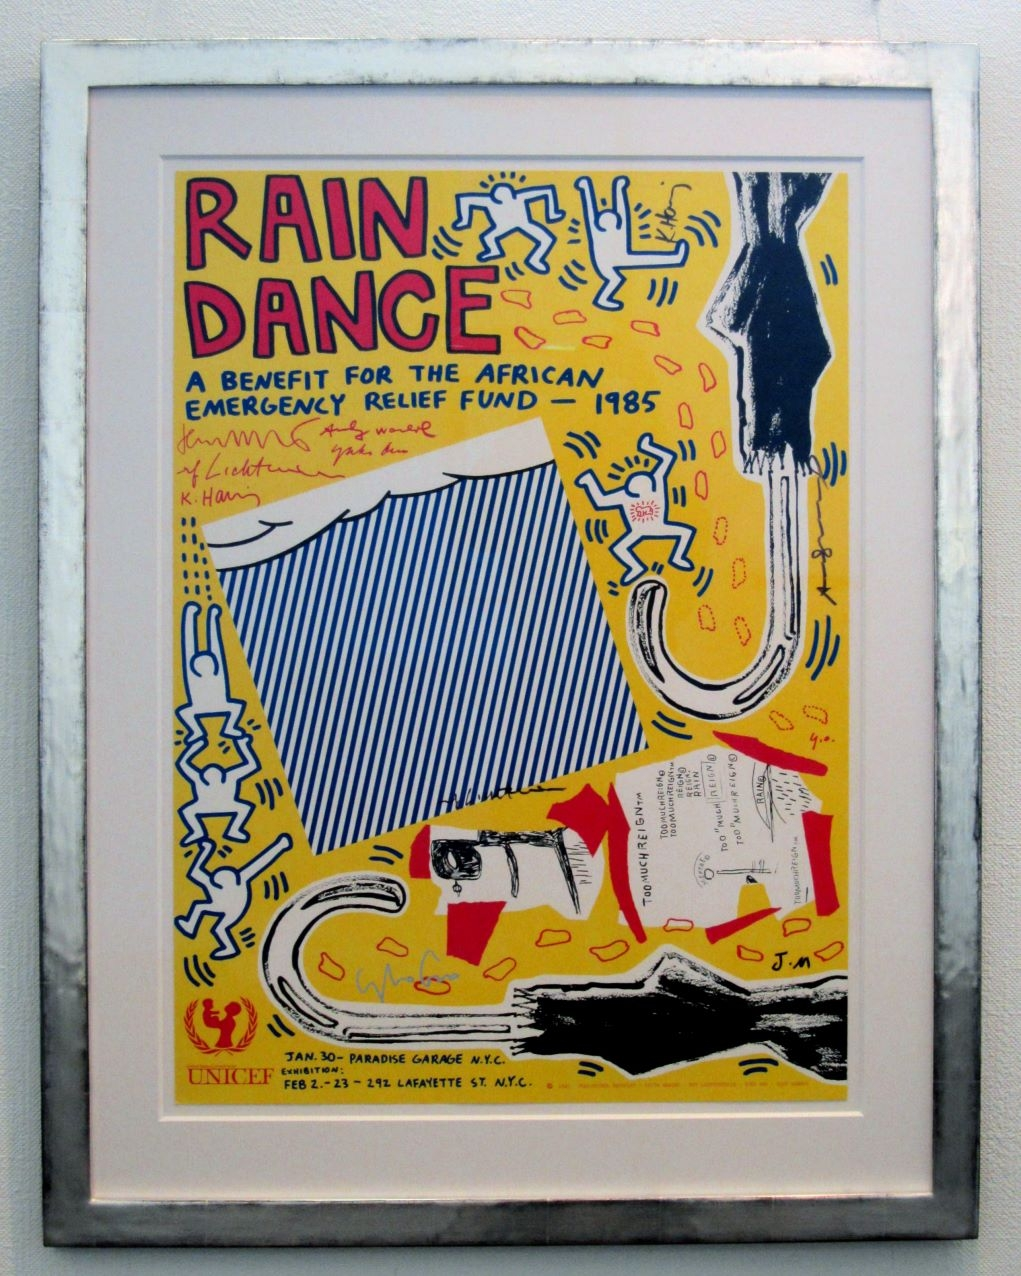 Haring, Warhol, Ono,Lichtenstein, Basquiat: Rain Dance